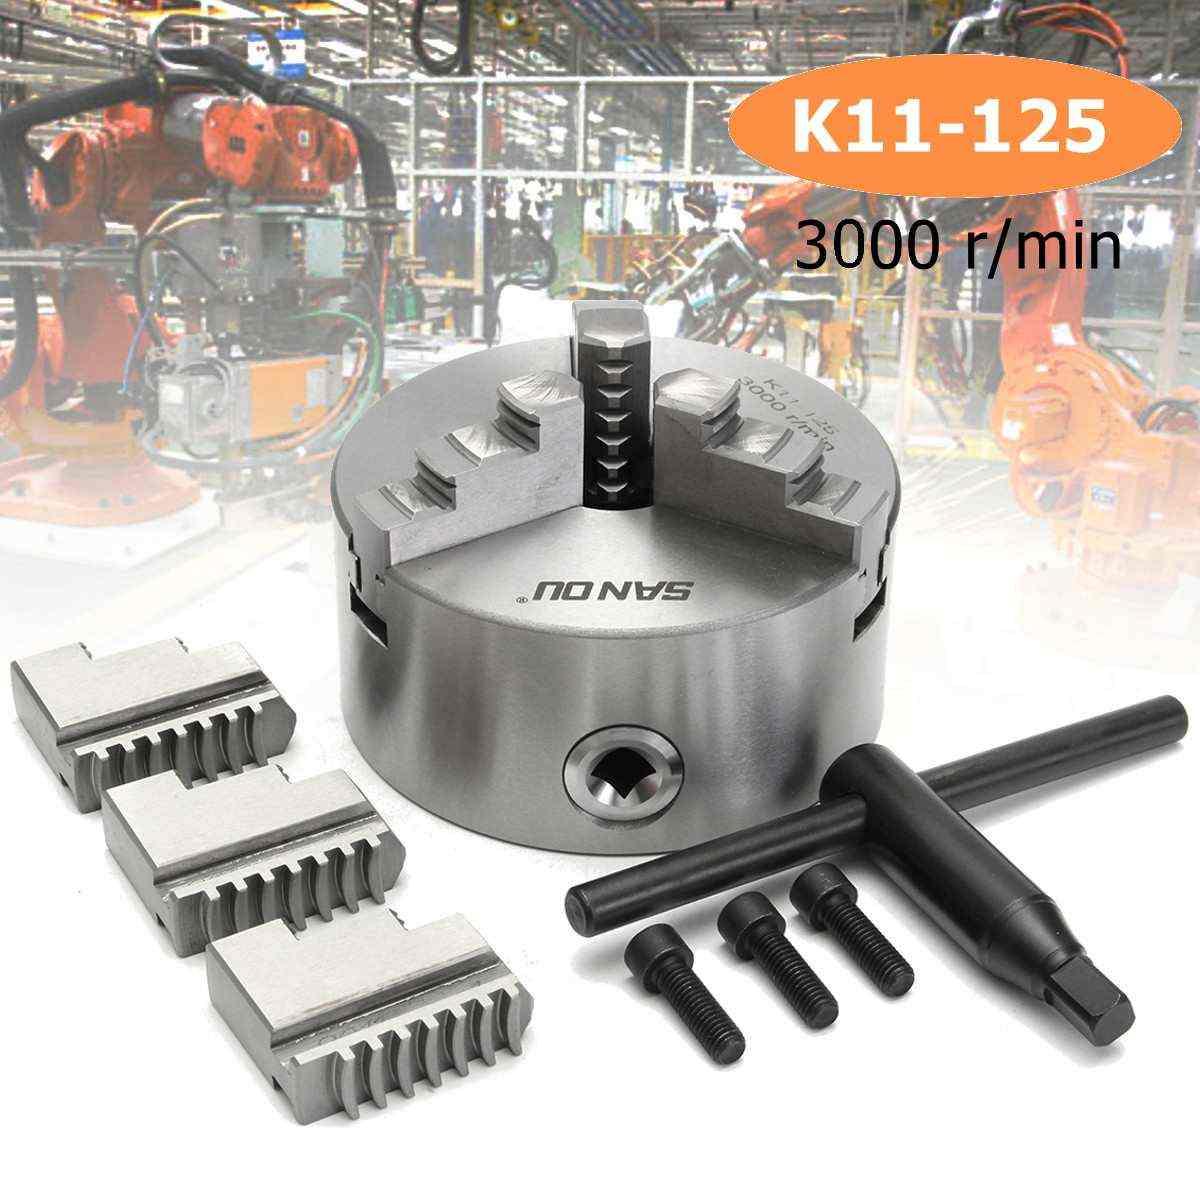 SANOU K11-125 3 Backen-drehfutter 125mm Selbst Zentrierung Gehärtete Reversible Werkzeug für Bohren Fräsen Maschine